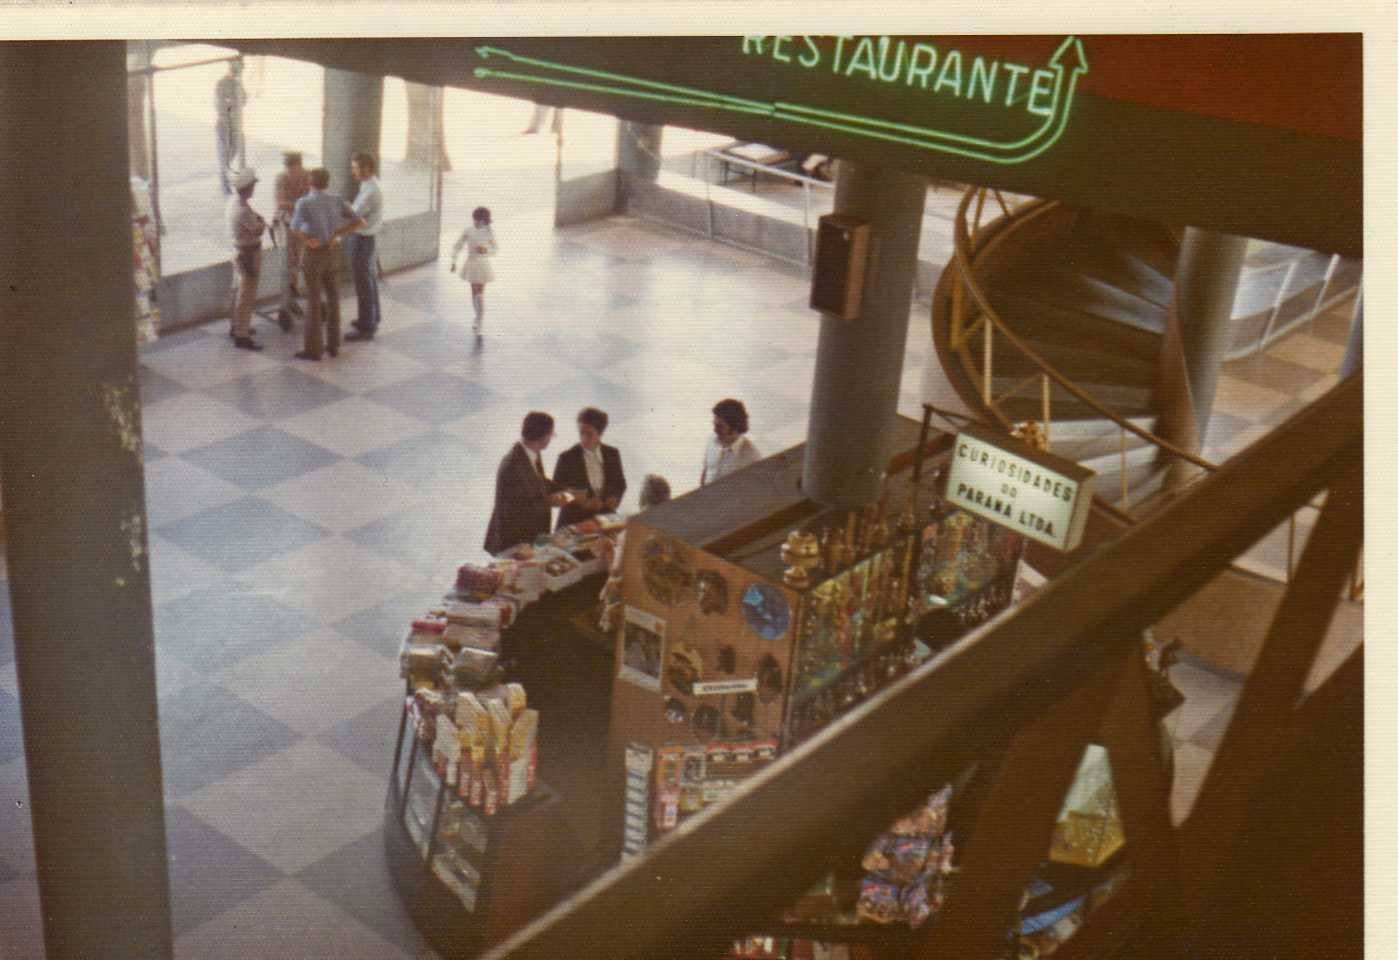 Saguão do Afonso Pena em 1974. Esse terminal de passageiros tinha arquitetura moderna e atualmente funciona como terminal de cargas. Foto: Reprodução/Facebook/Resgatando a história do Aeroporto Afonso Pena